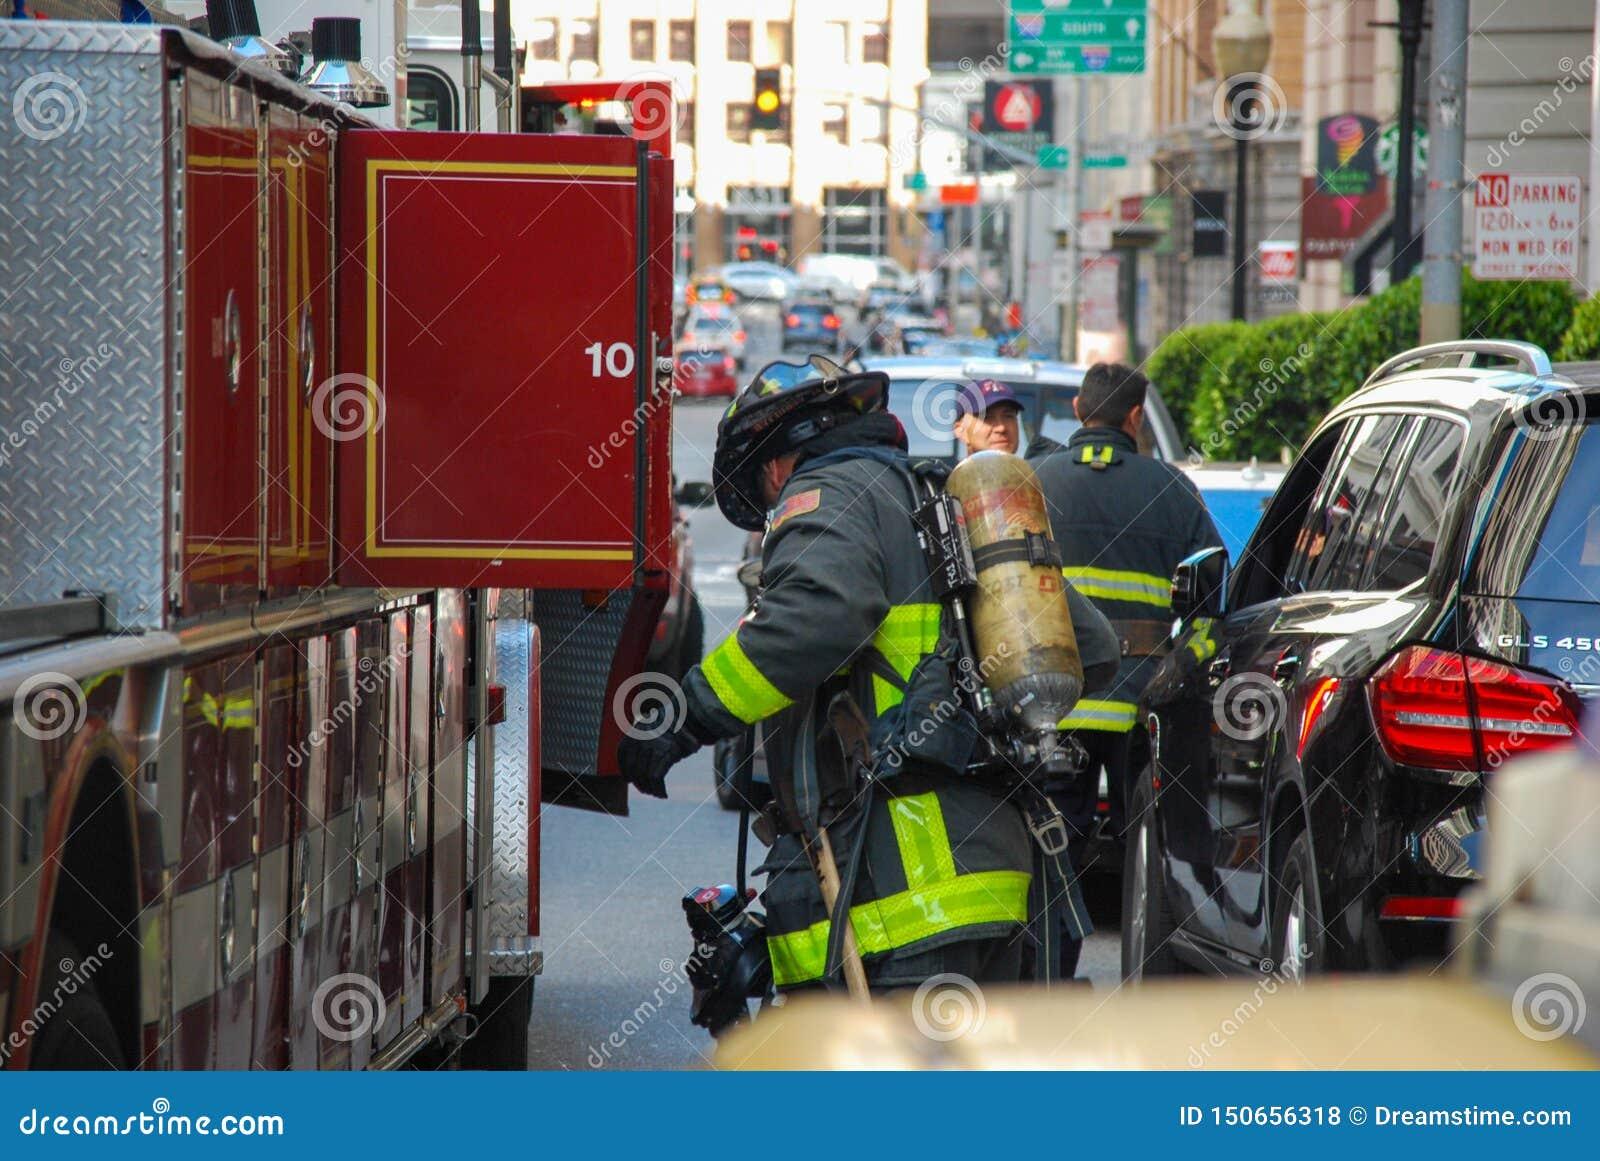 San Francisco Fire Engine e Firemean che carica su